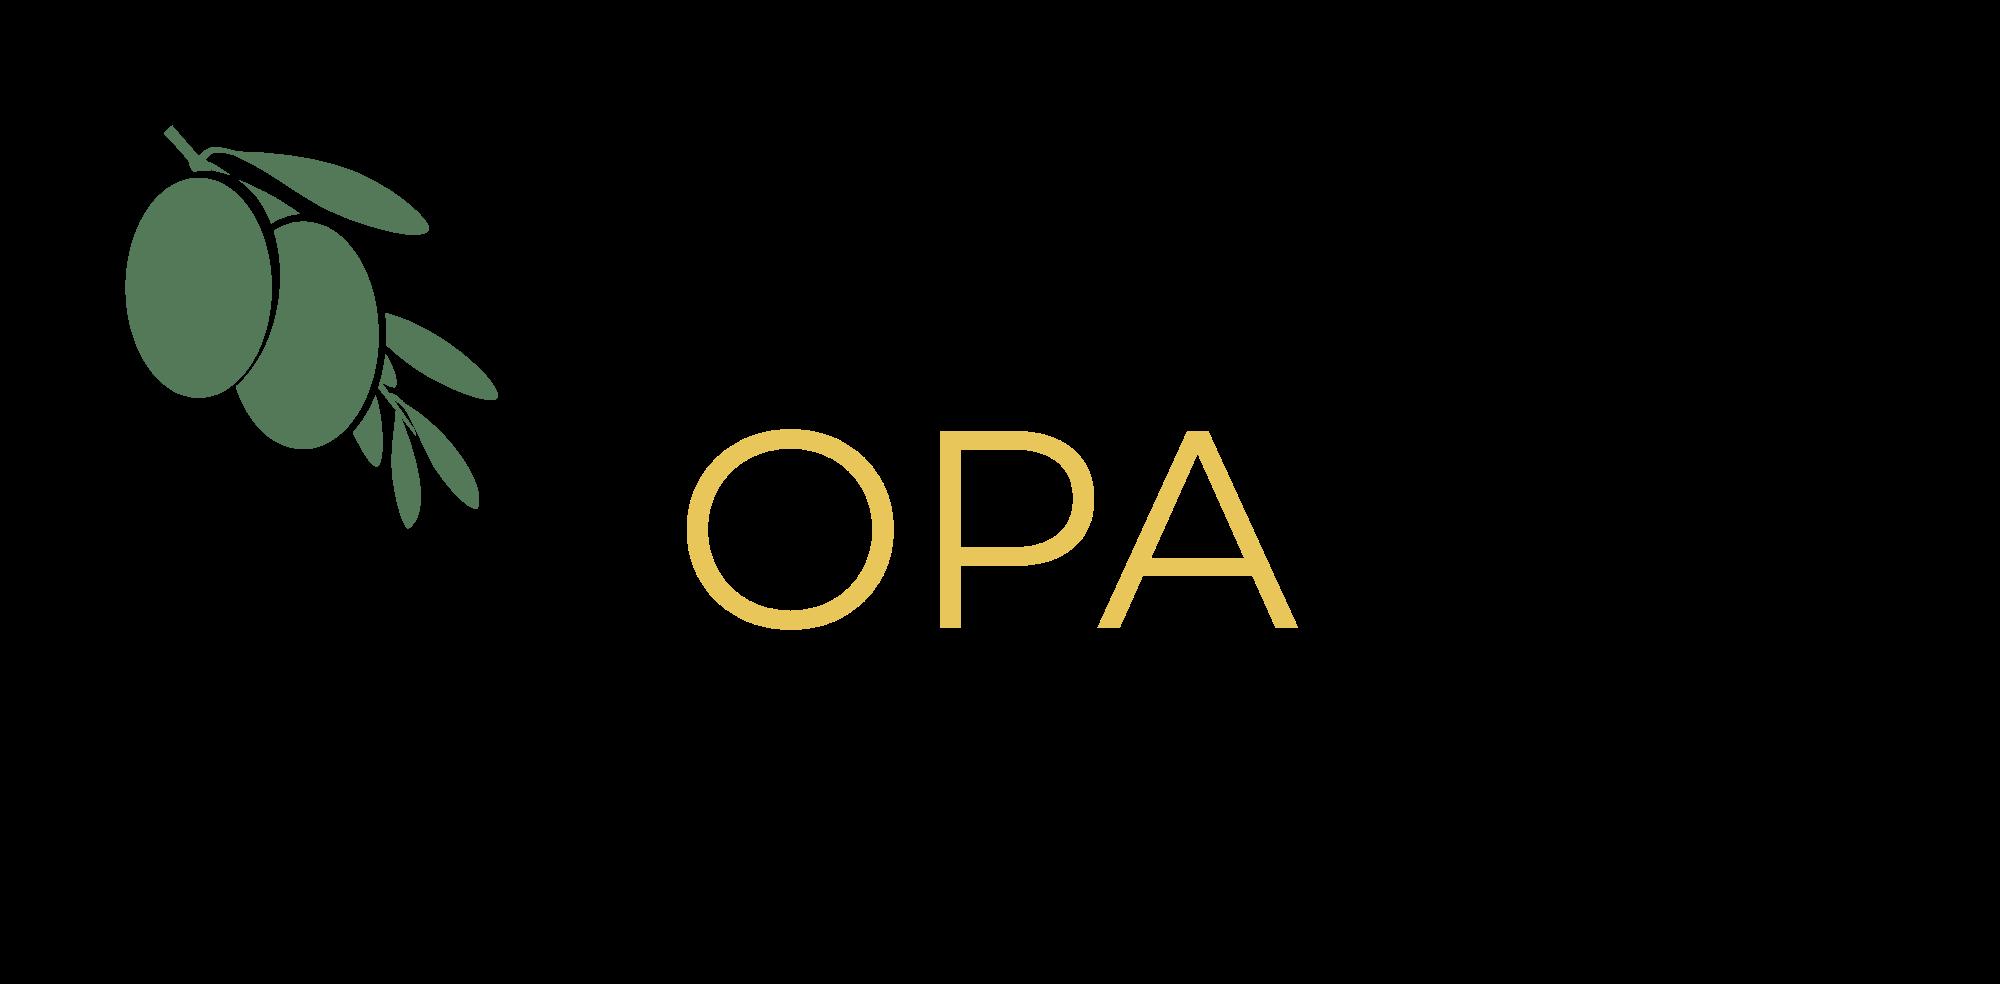 OPA-logo+(1).png